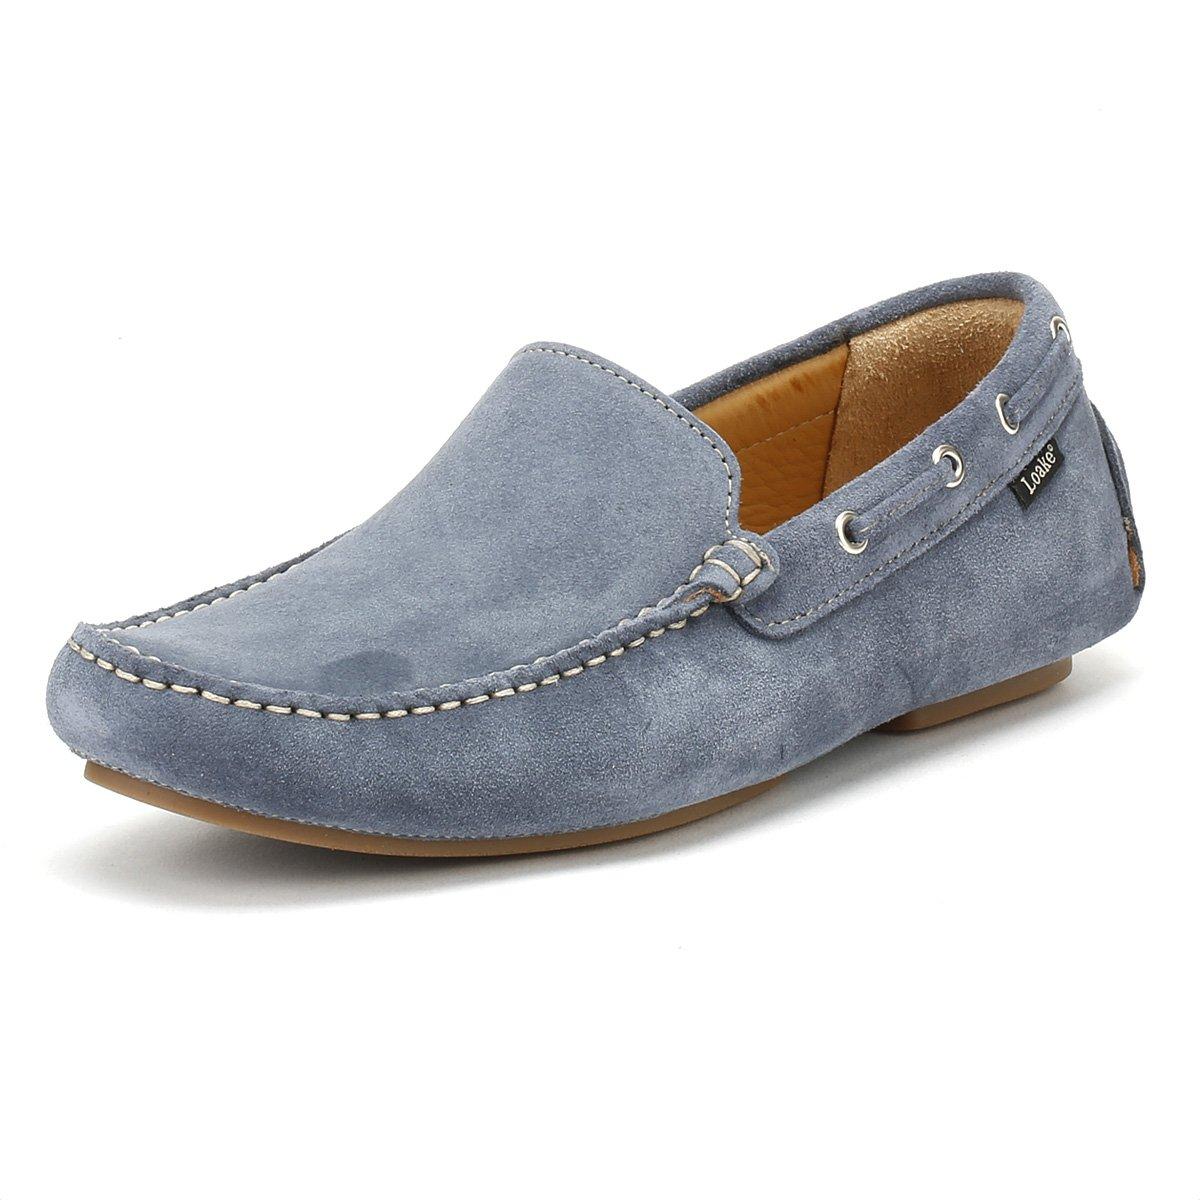 Loake Hombres donington Ante Zapatos de Conducción Azul Claro 41 EU|Light Azul